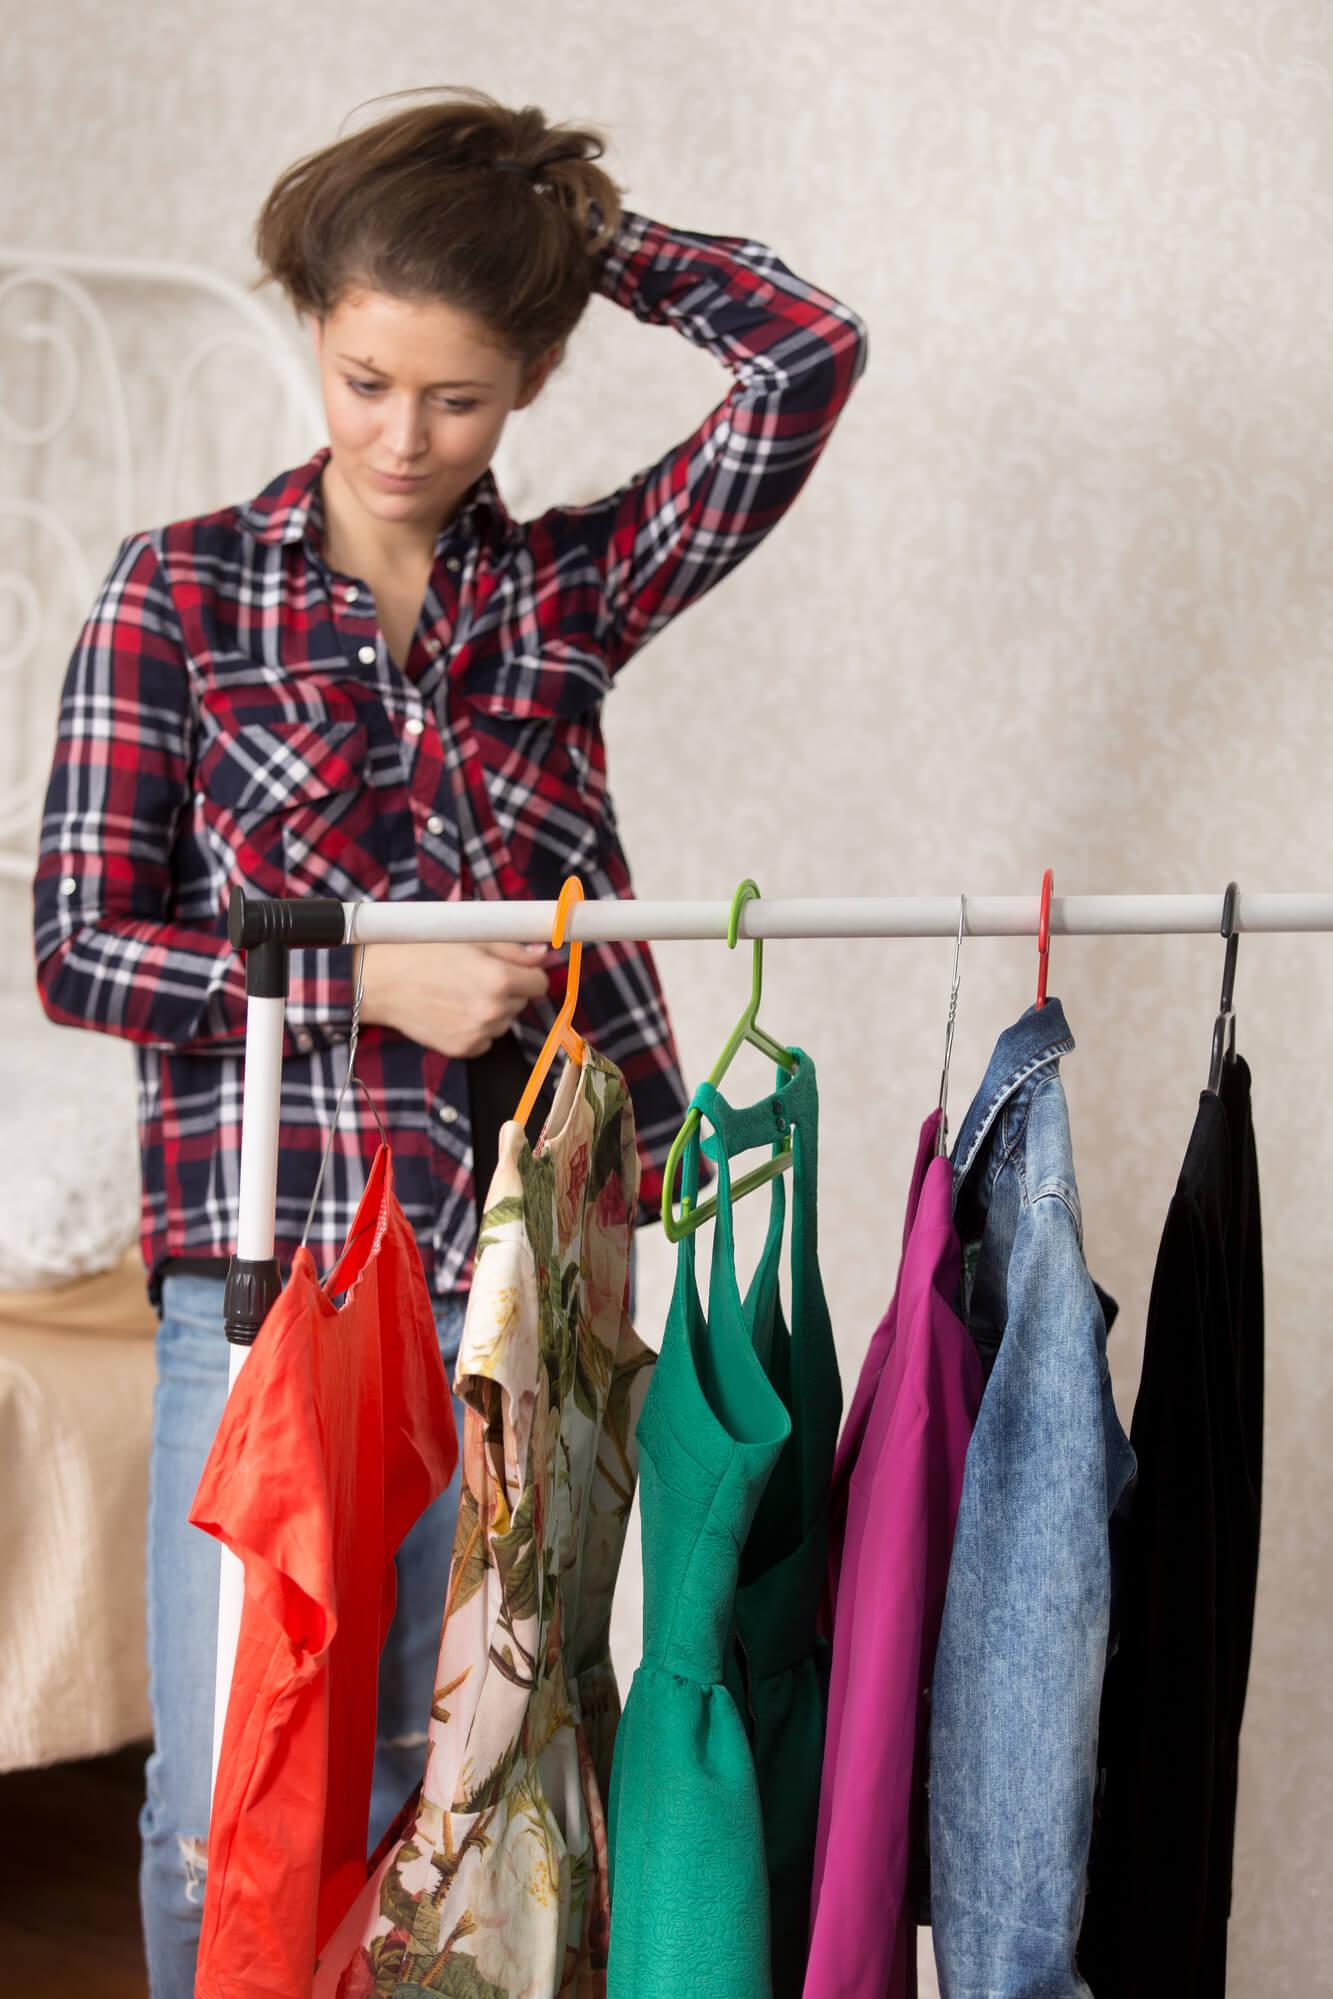 Hogyan válasszak ruhát?